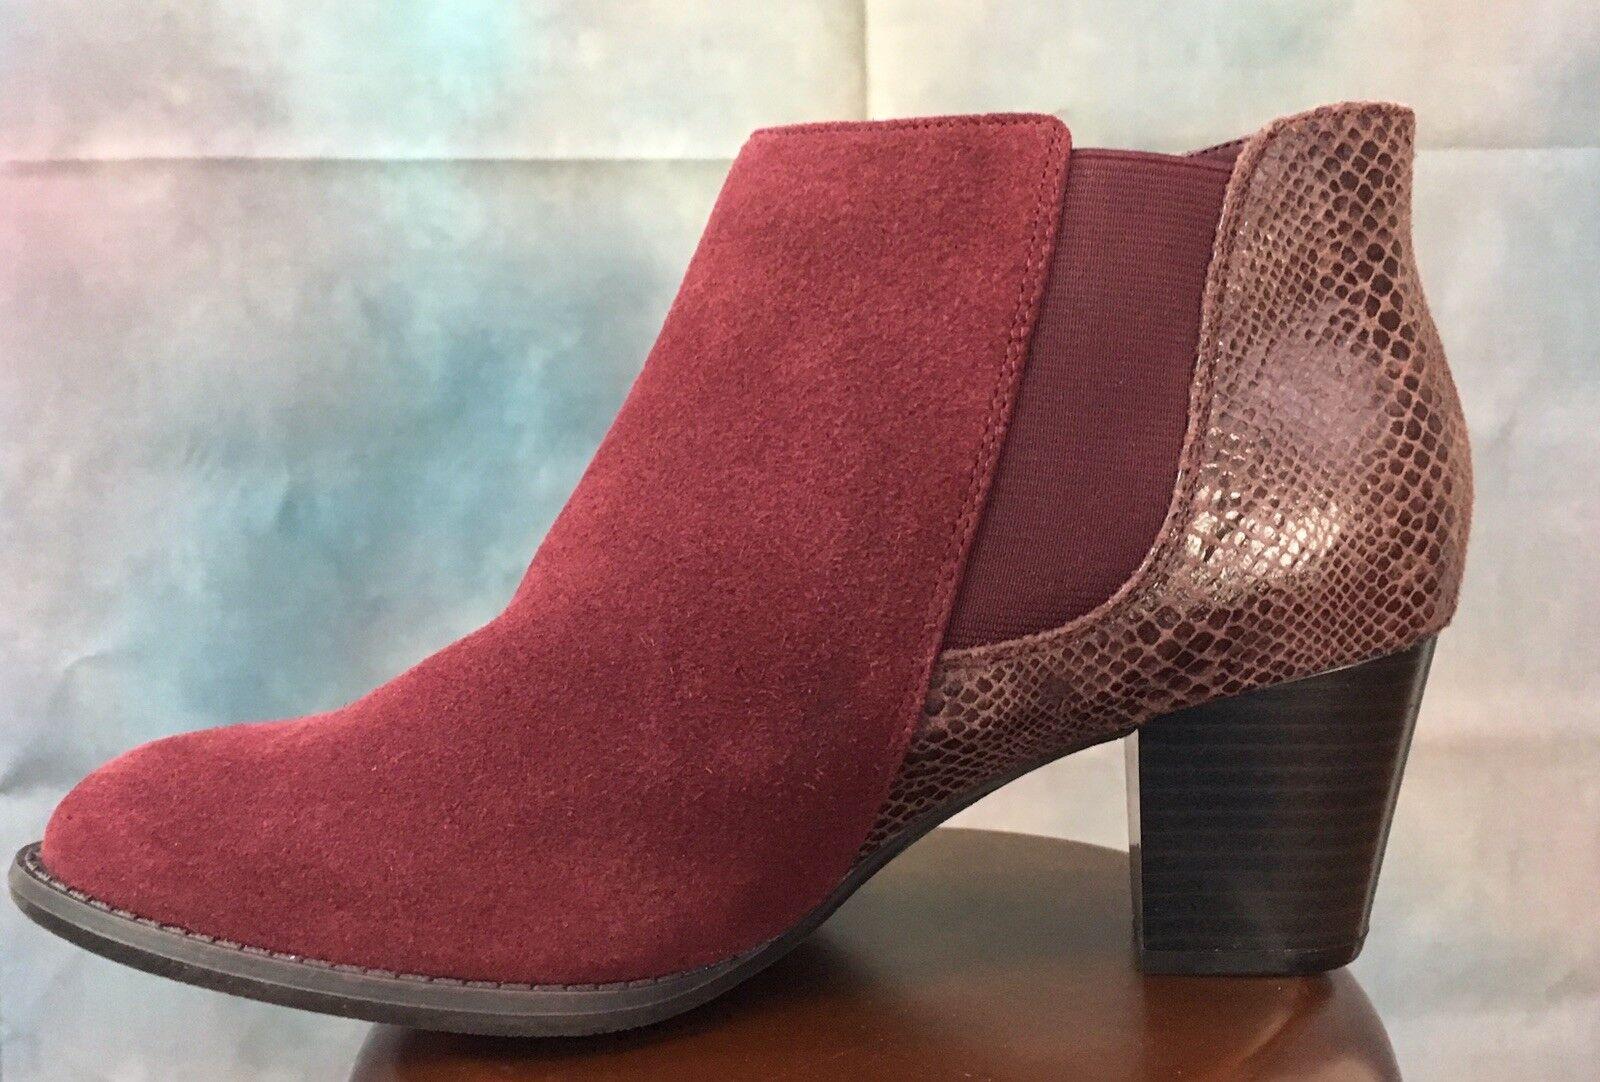 Vionic Merlot - 8.5 botas De Gamuza Nuevo con etiquetas etiquetas con 0019bd